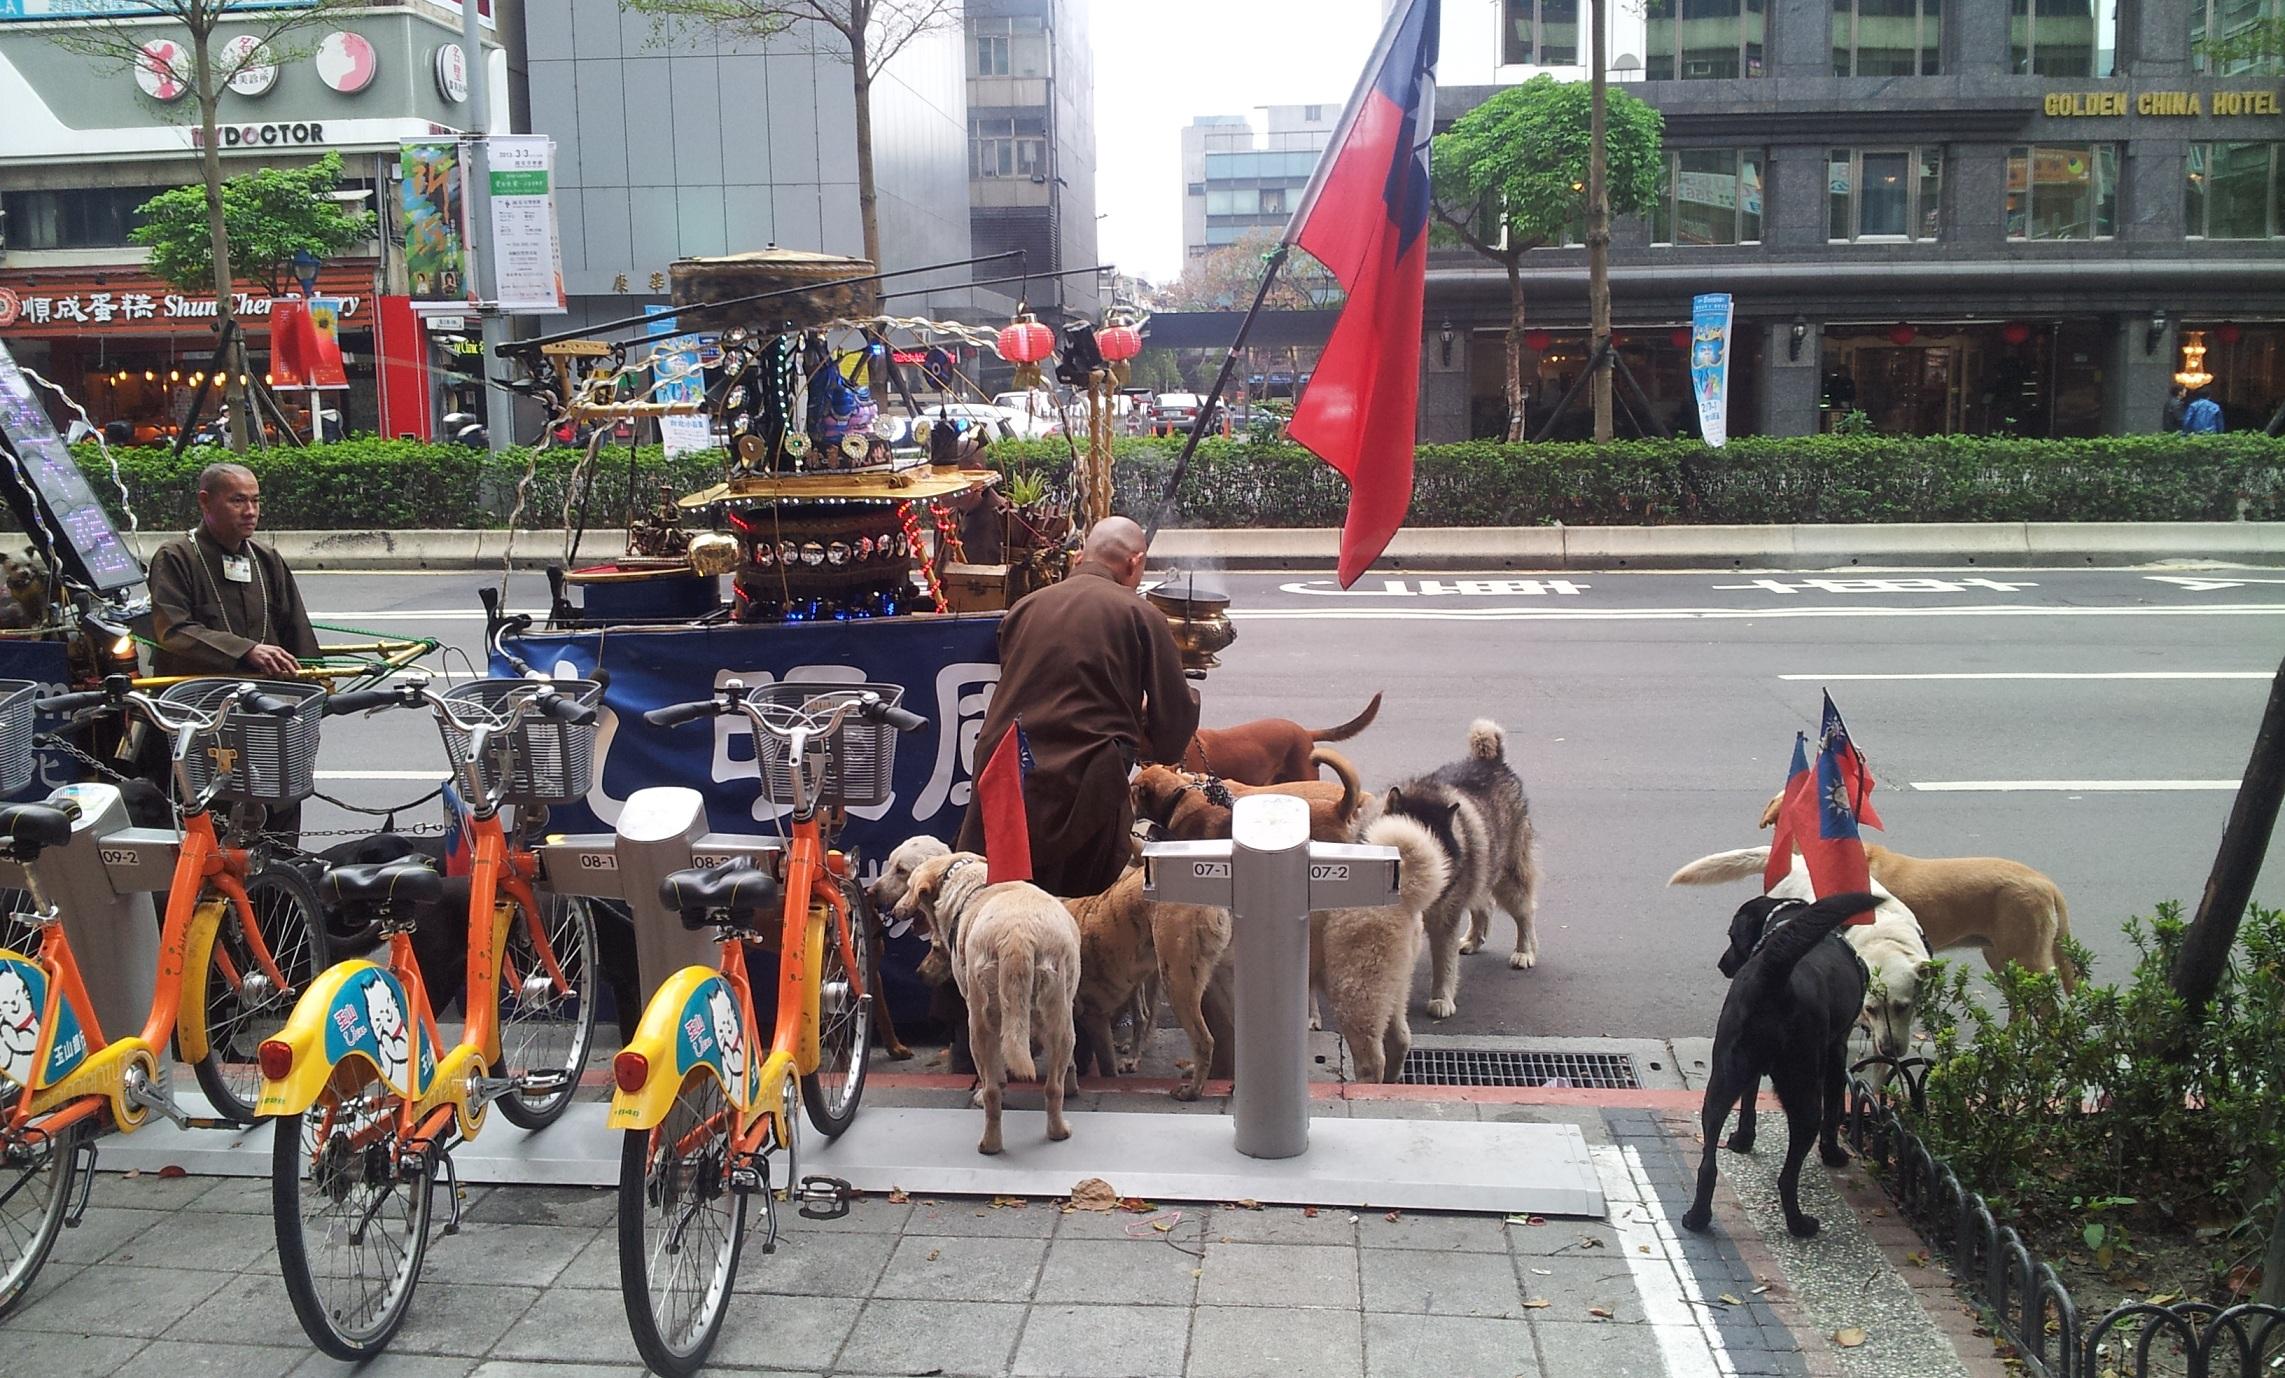 奇怪的街景与开心的聚会 上海新天地 台商太太新天地 高清图片